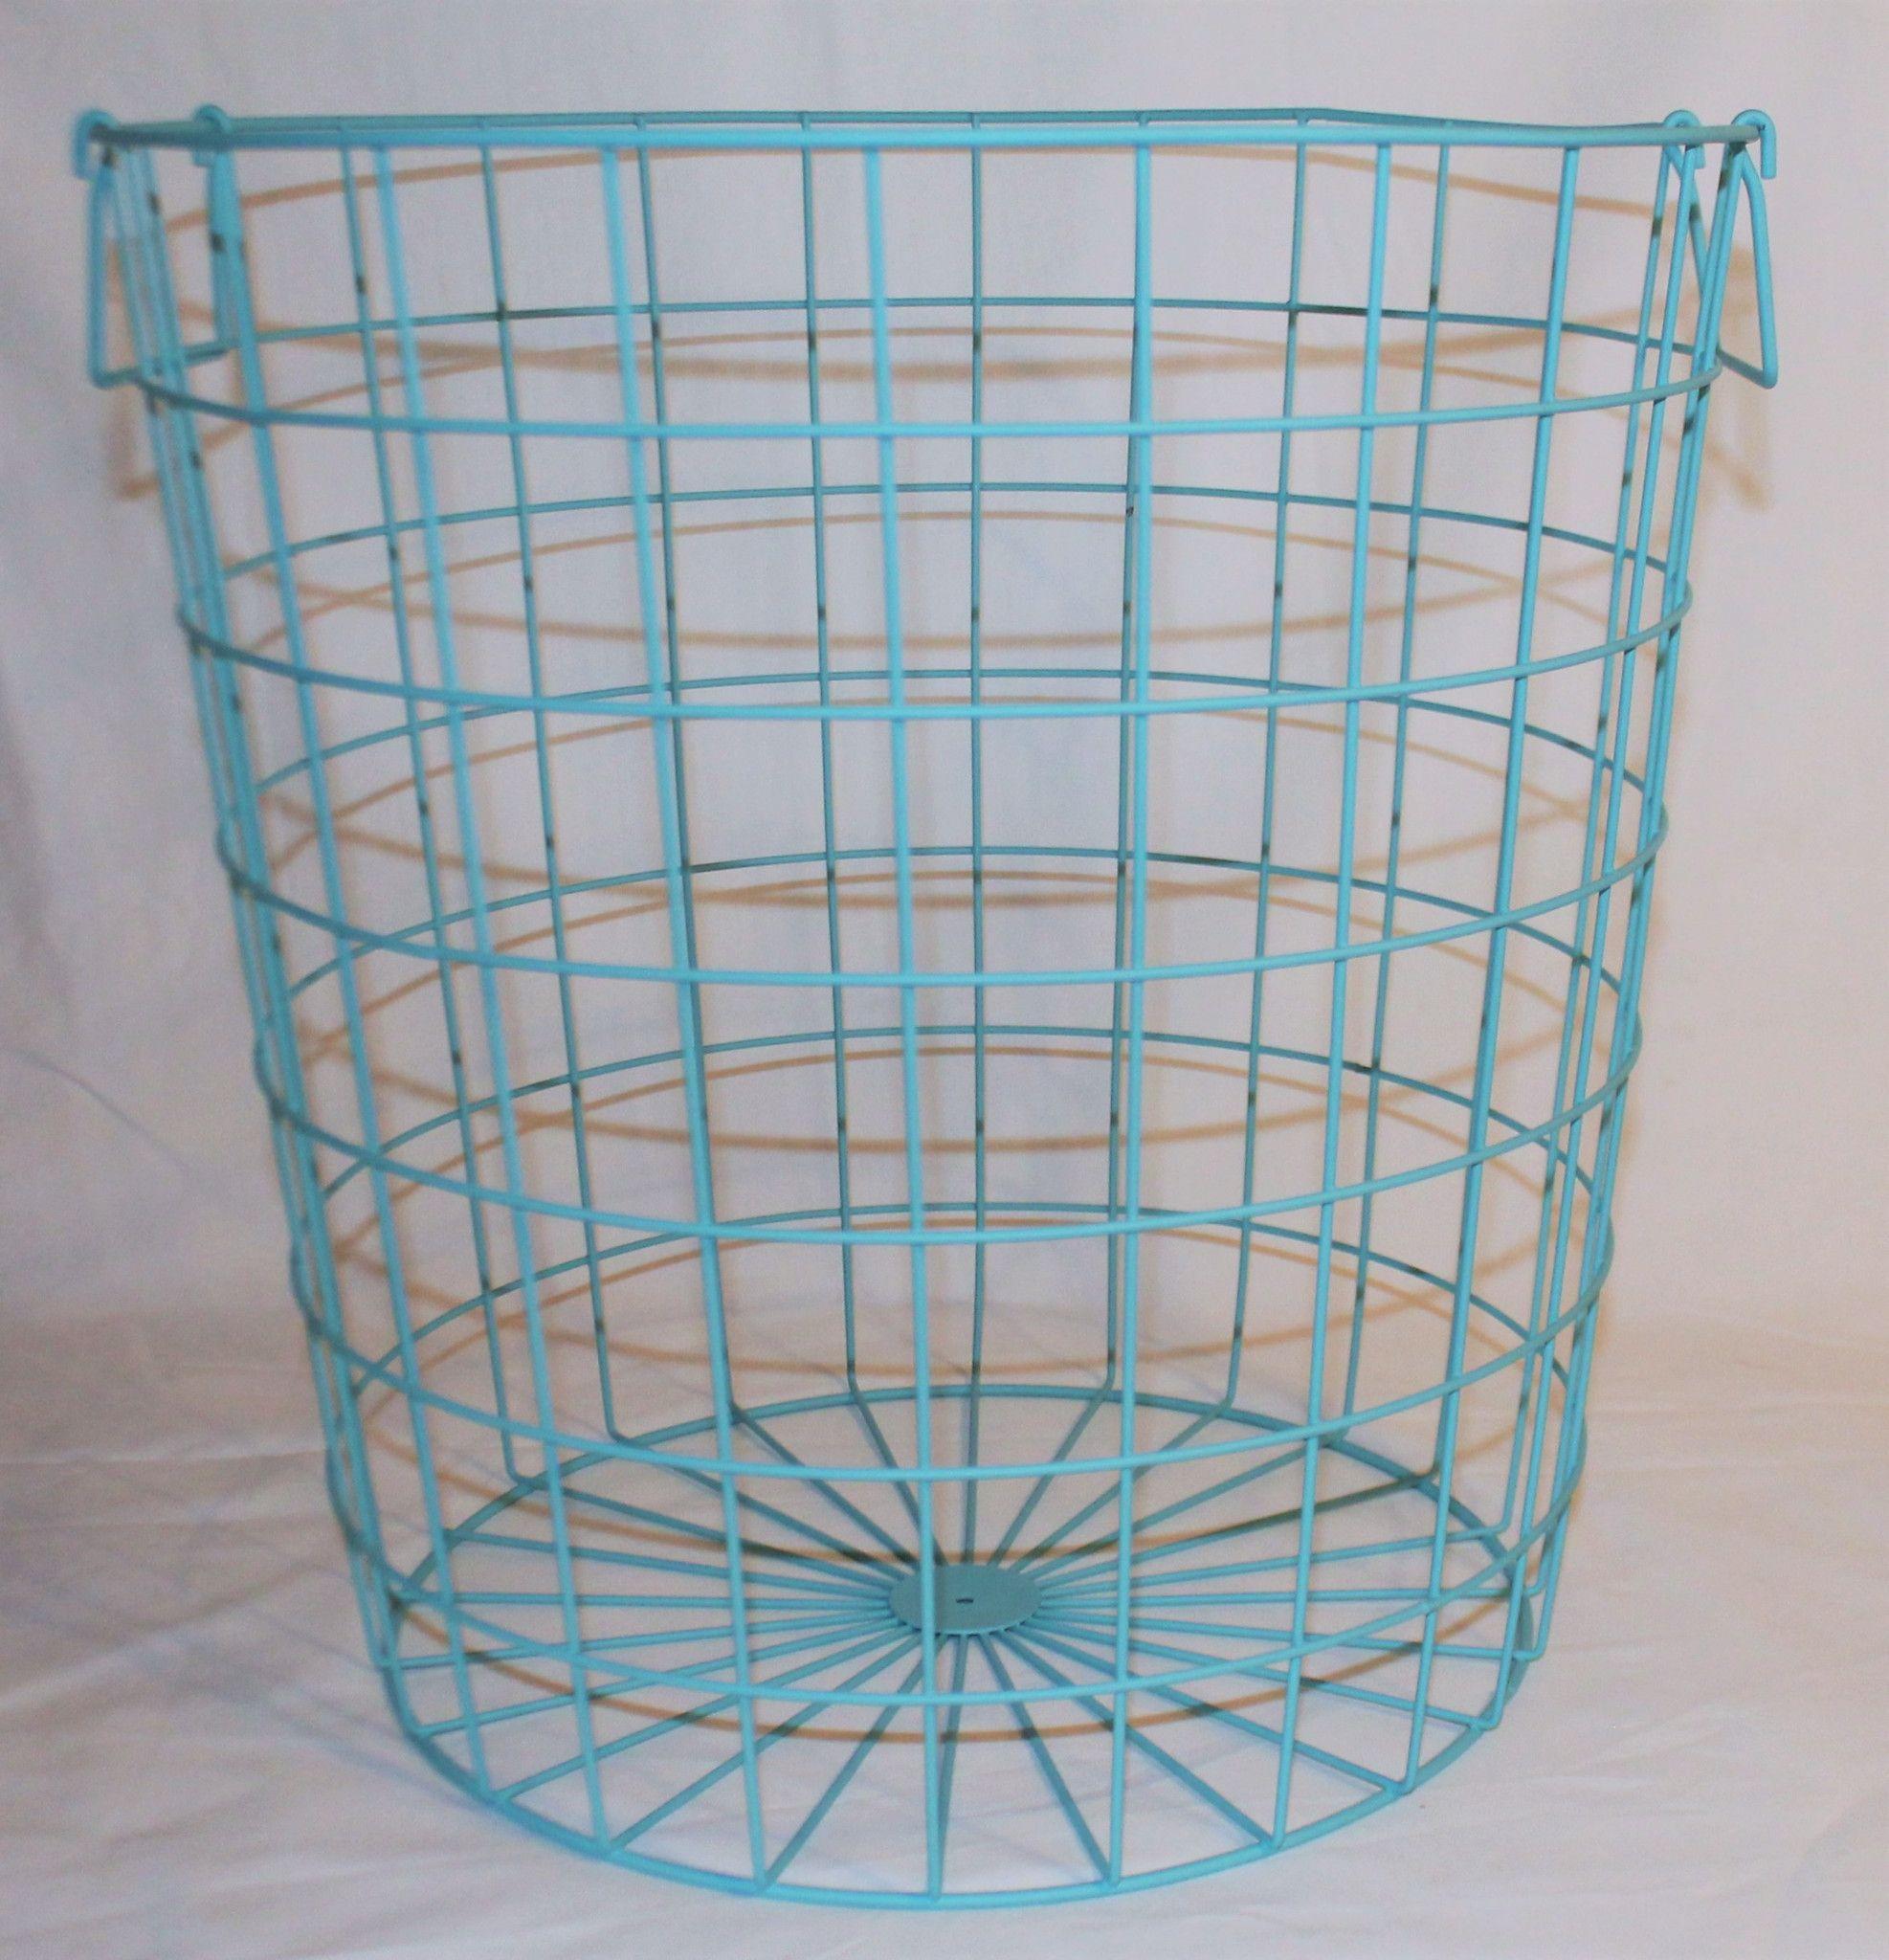 Large 16 x 16 Wire Hamper Baskets, 3 Colors | Hamper basket, Hamper ...